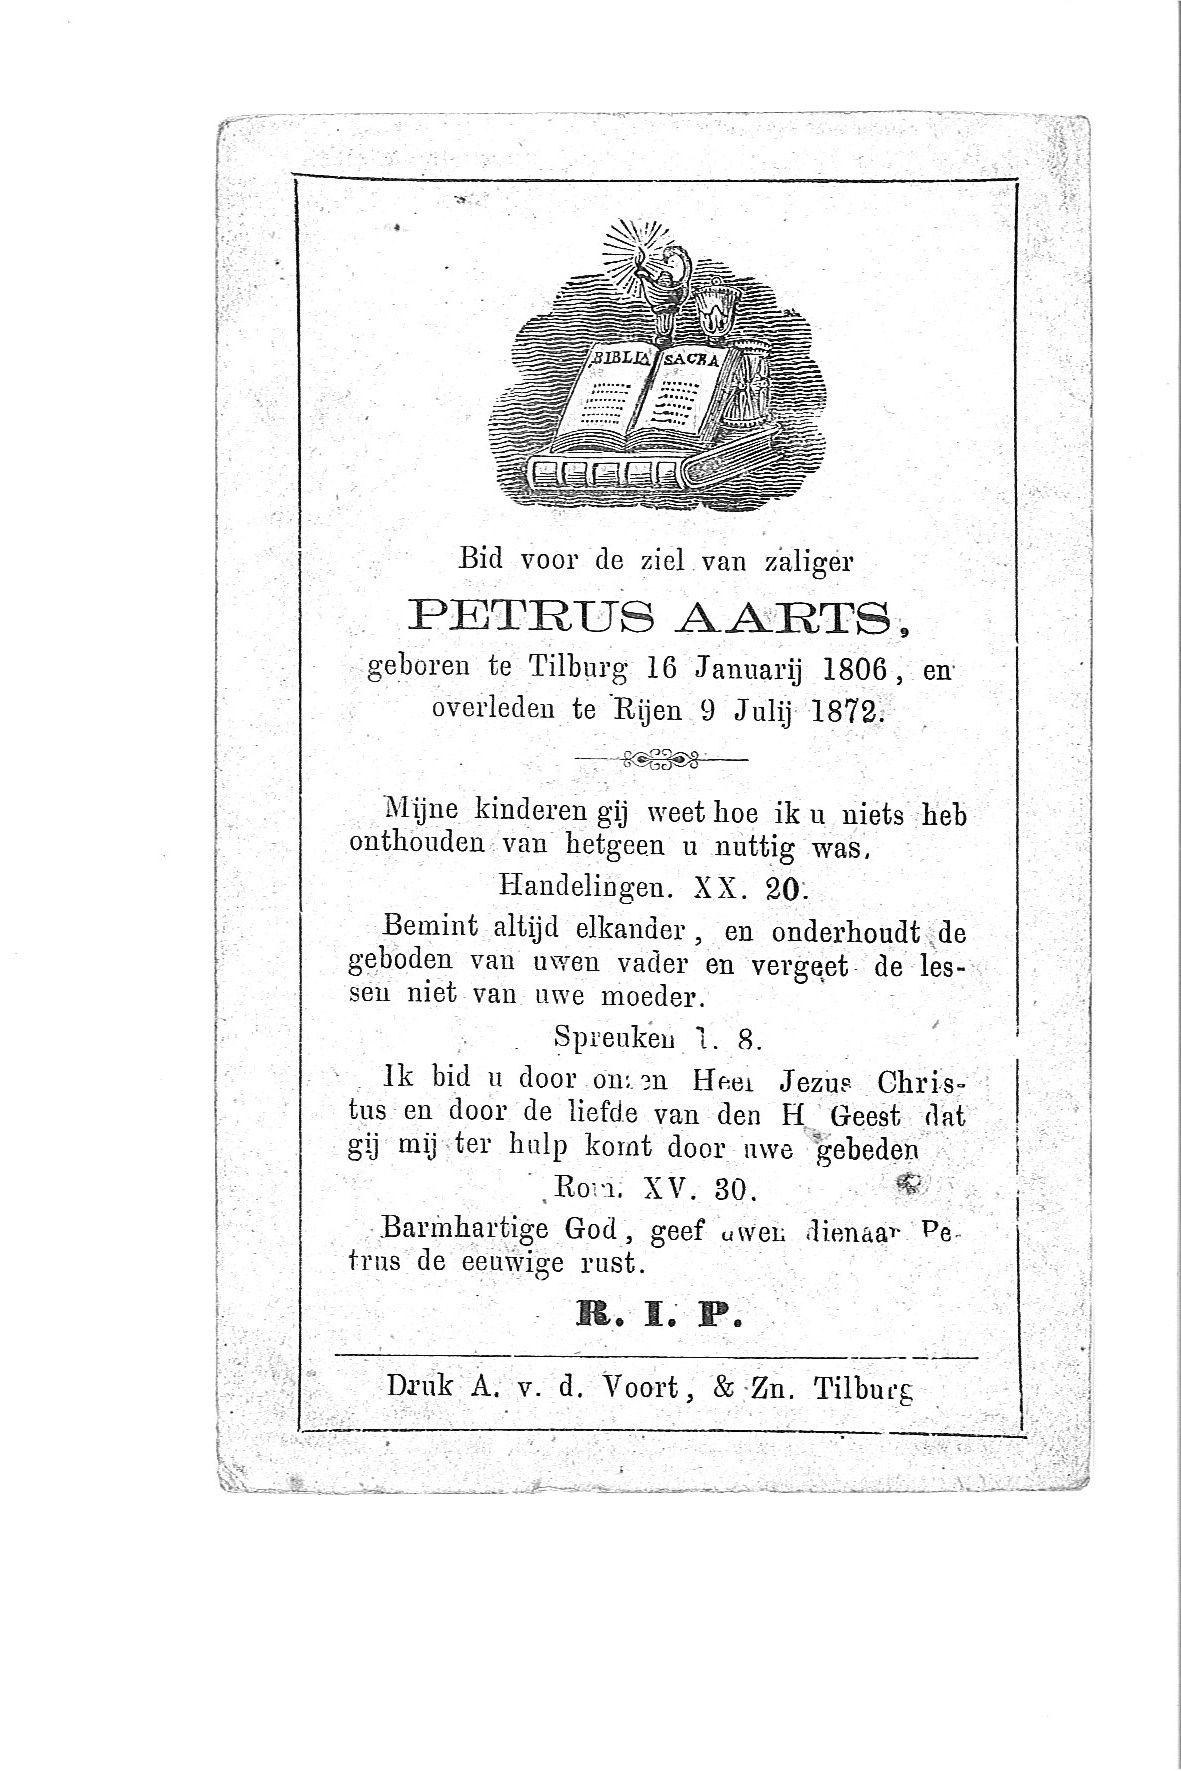 petrus(1872)20090105132822_00006.jpg